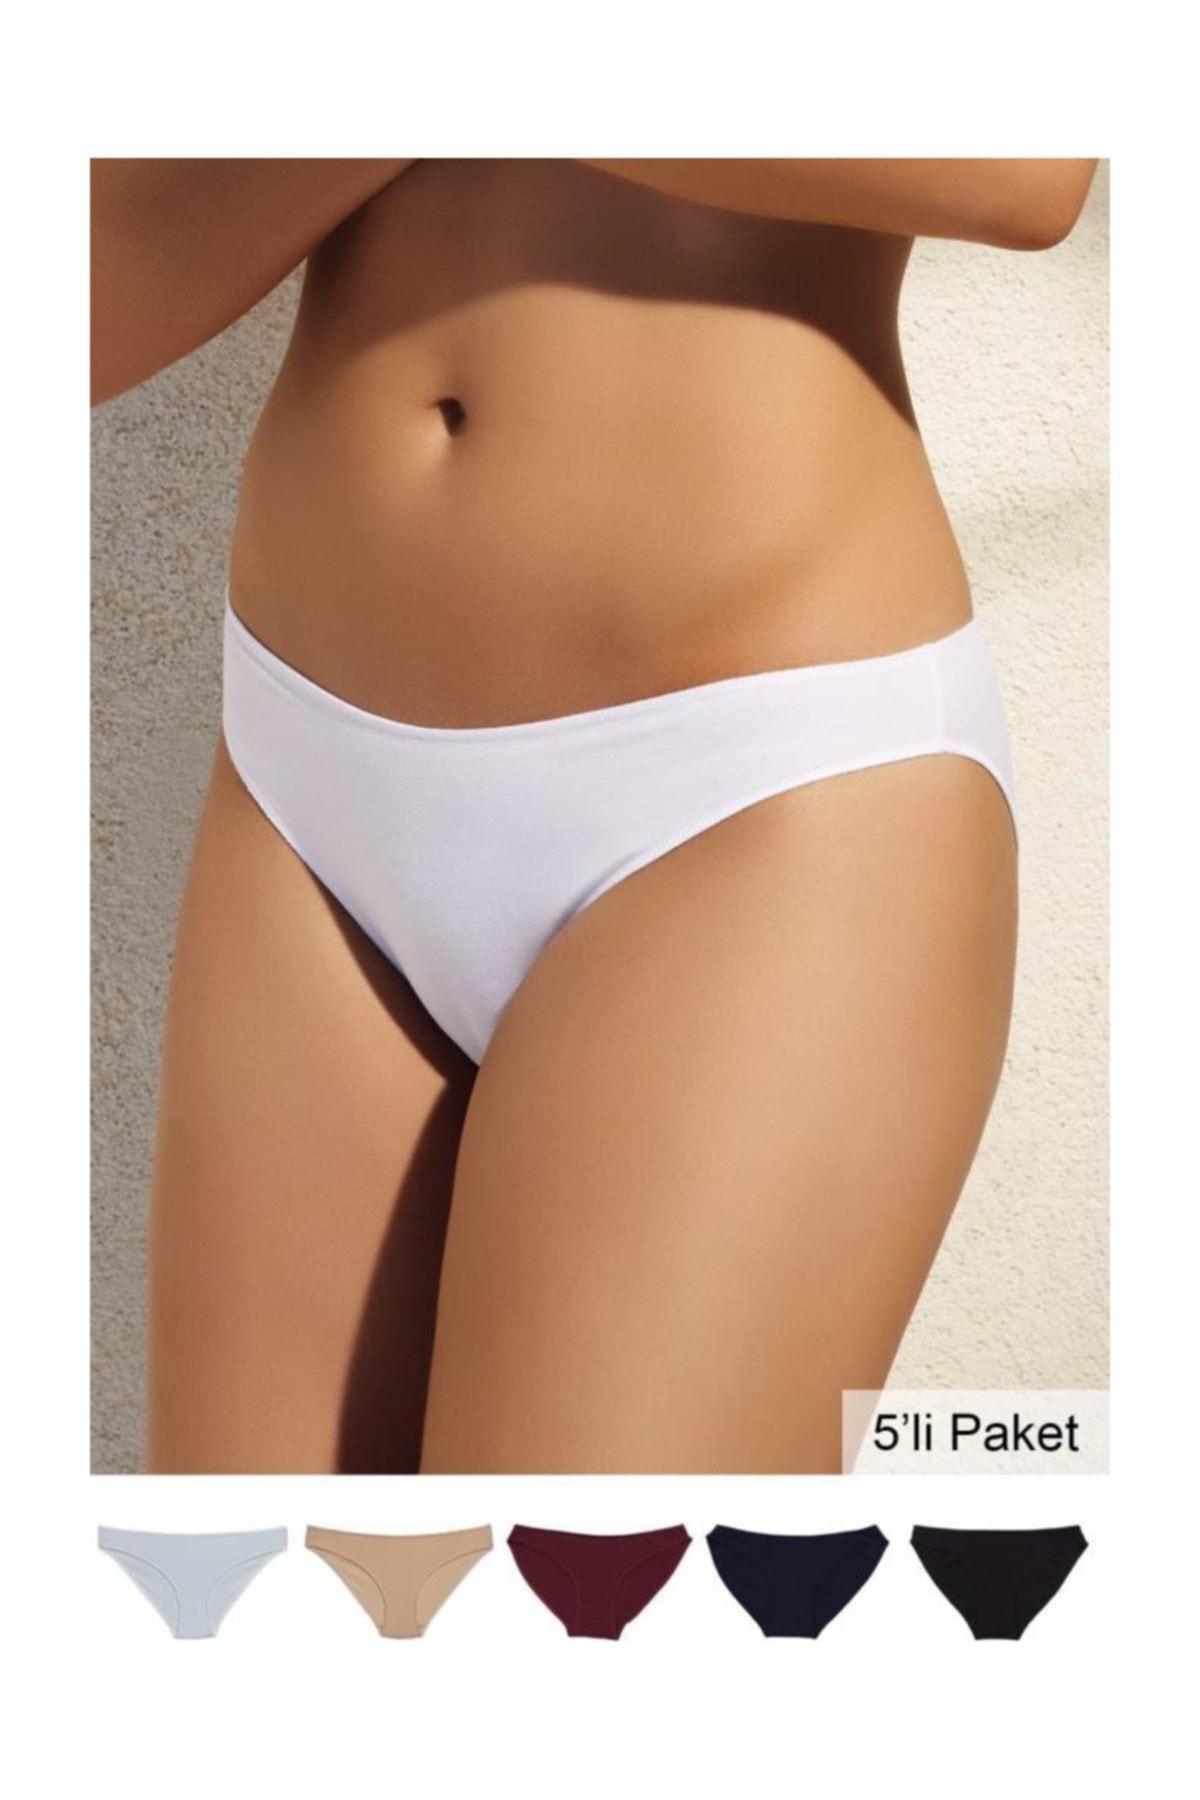 NoShow Bikini 5li Paket Külot Karışık Renk